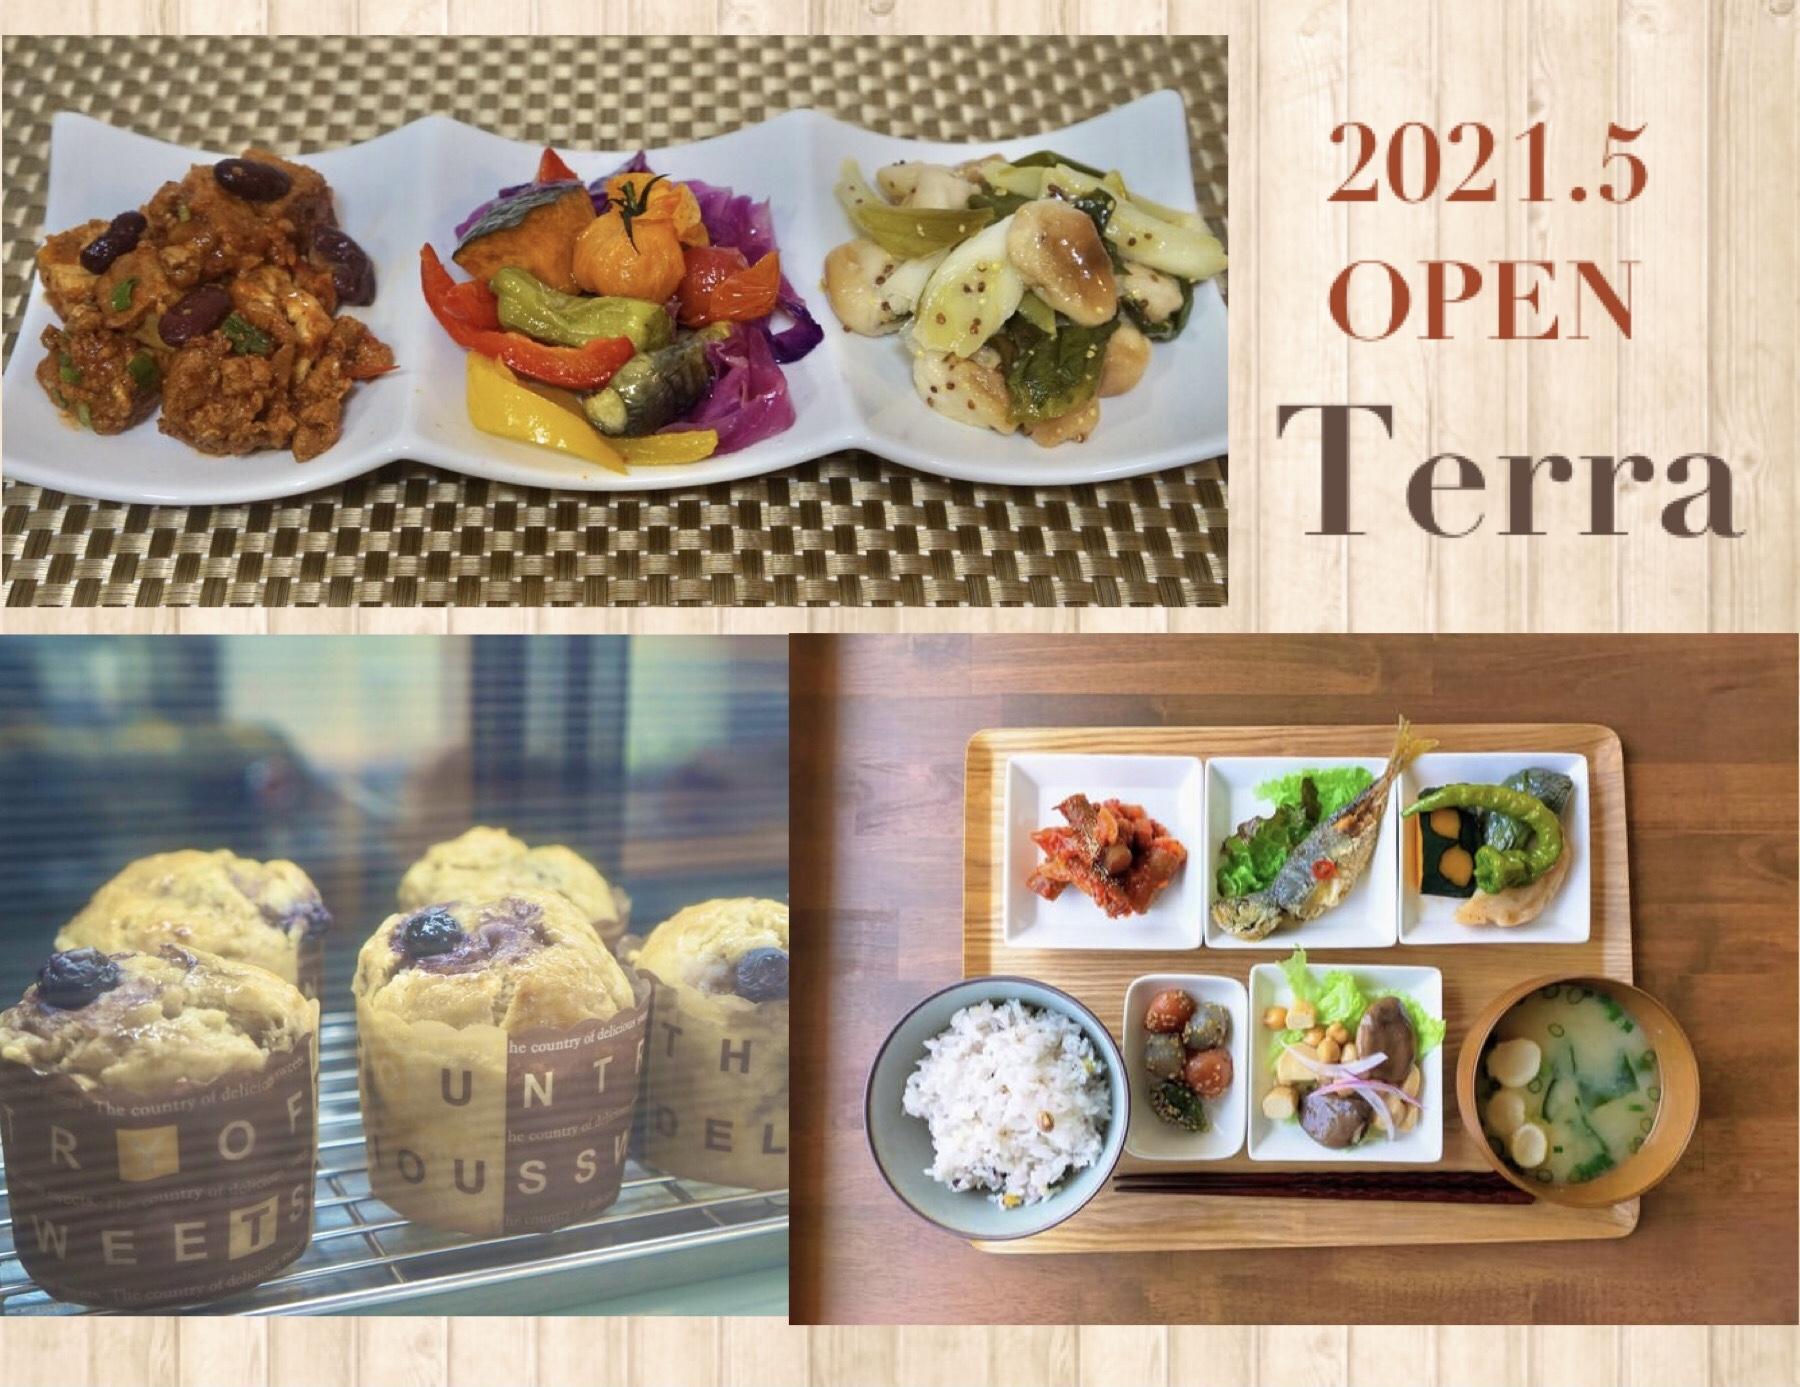 【5月新店】Terra(膳所)畜産肉・卵・乳製品不使用のおばんざいデリカフェ